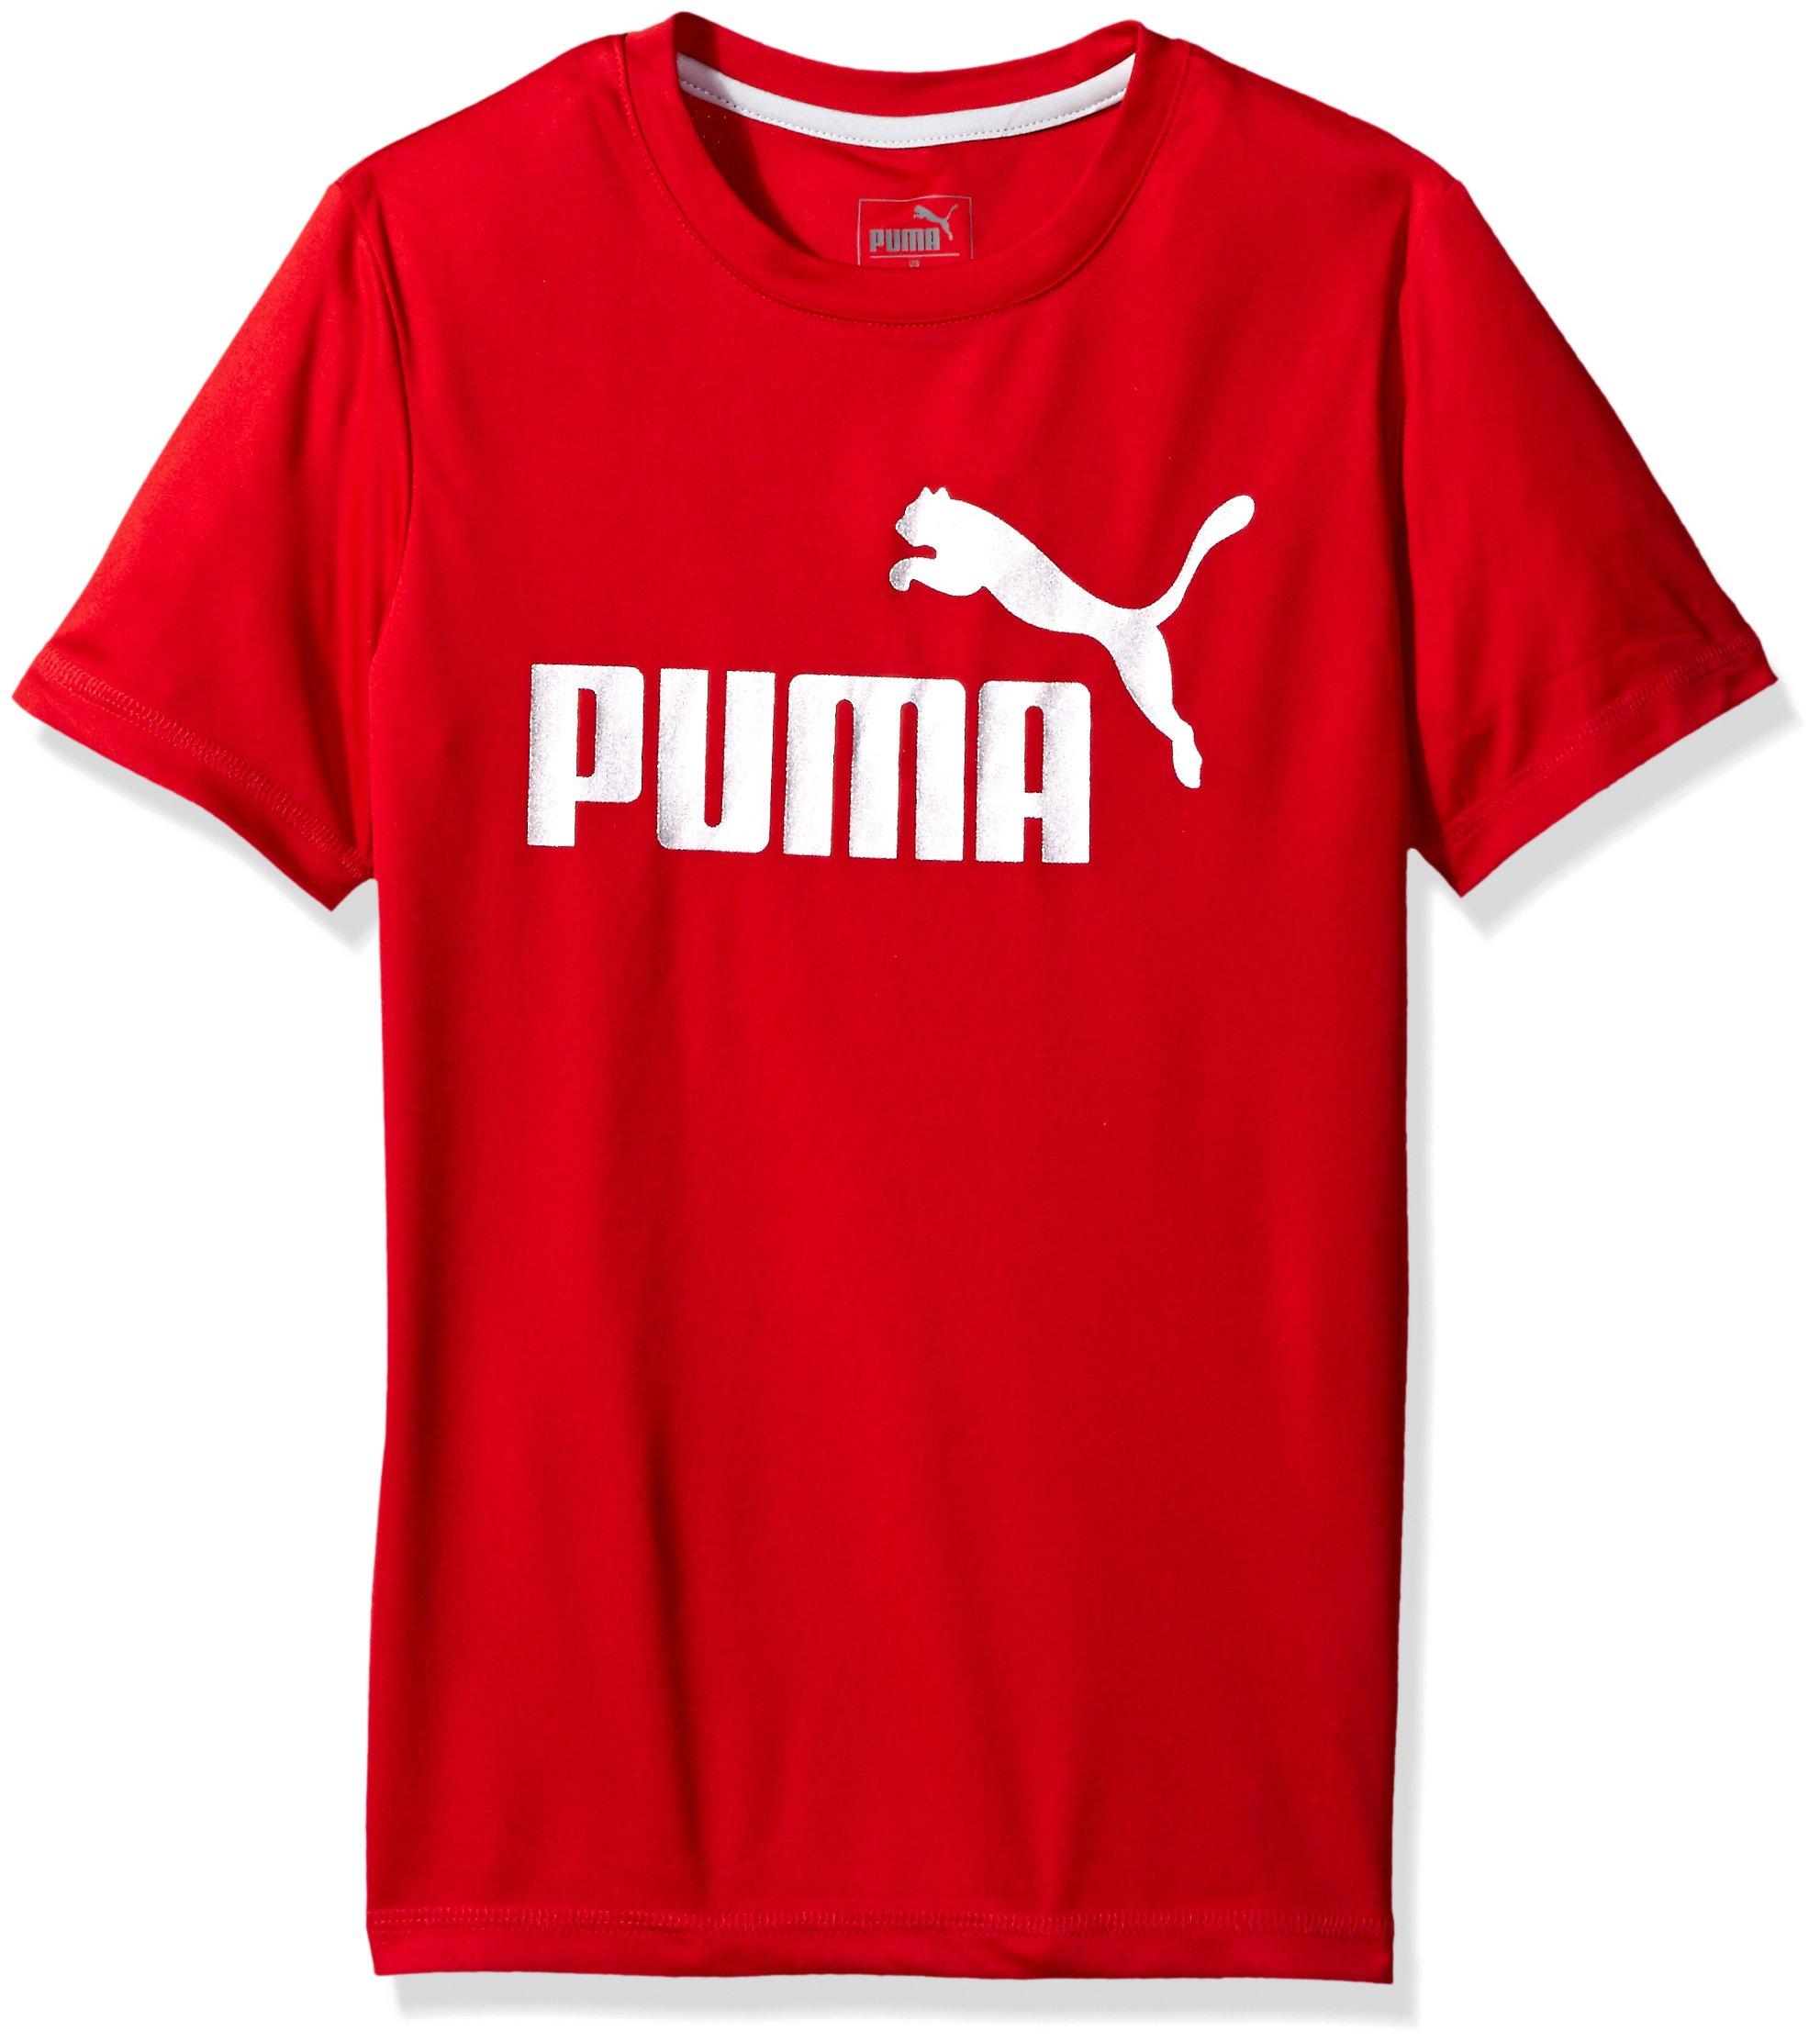 PUMA Big Boys' 1 Logo Tee, Fierce Red, Small